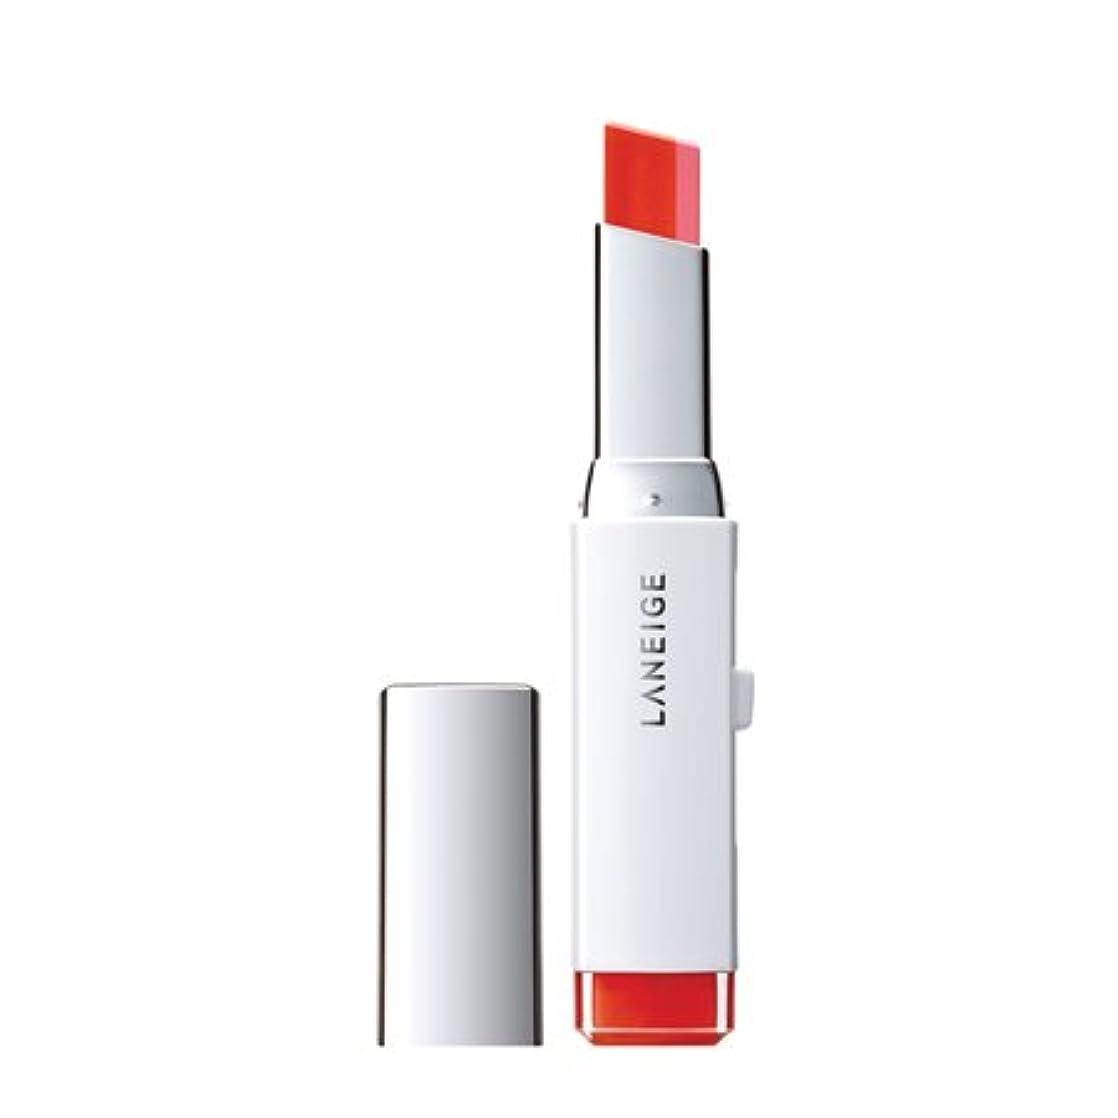 つづり国民チロラネージュ(LANEIGE)ツートーンリップバー(Two tone lip bar)2g カラー:3号 ピンクシャルマン